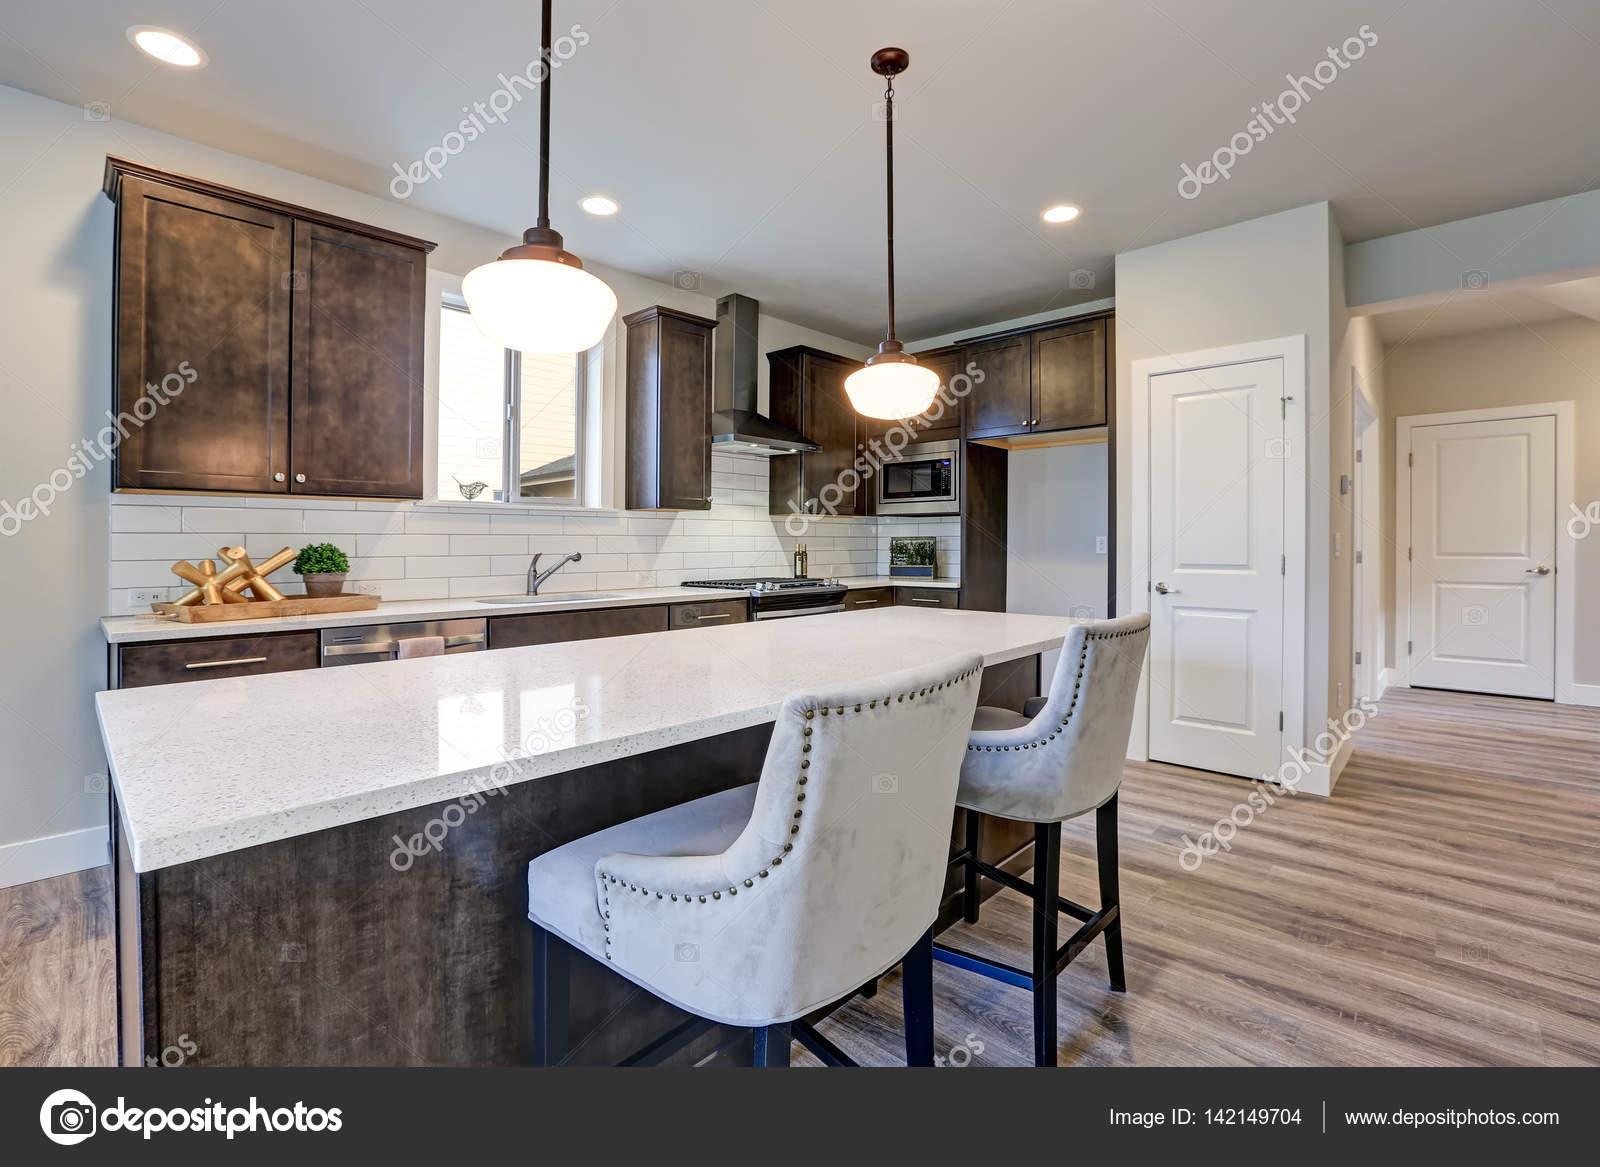 islands kitchen vent fan 新厨房拥有黑暗的实木橱柜 大岛 图库照片 c iriana88w 142149704 白色后挡板地铁瓷砖 在大小岛屿与白色和灰色石英计数器被垂饰灯照射 西北美国 照片作者iriana88w